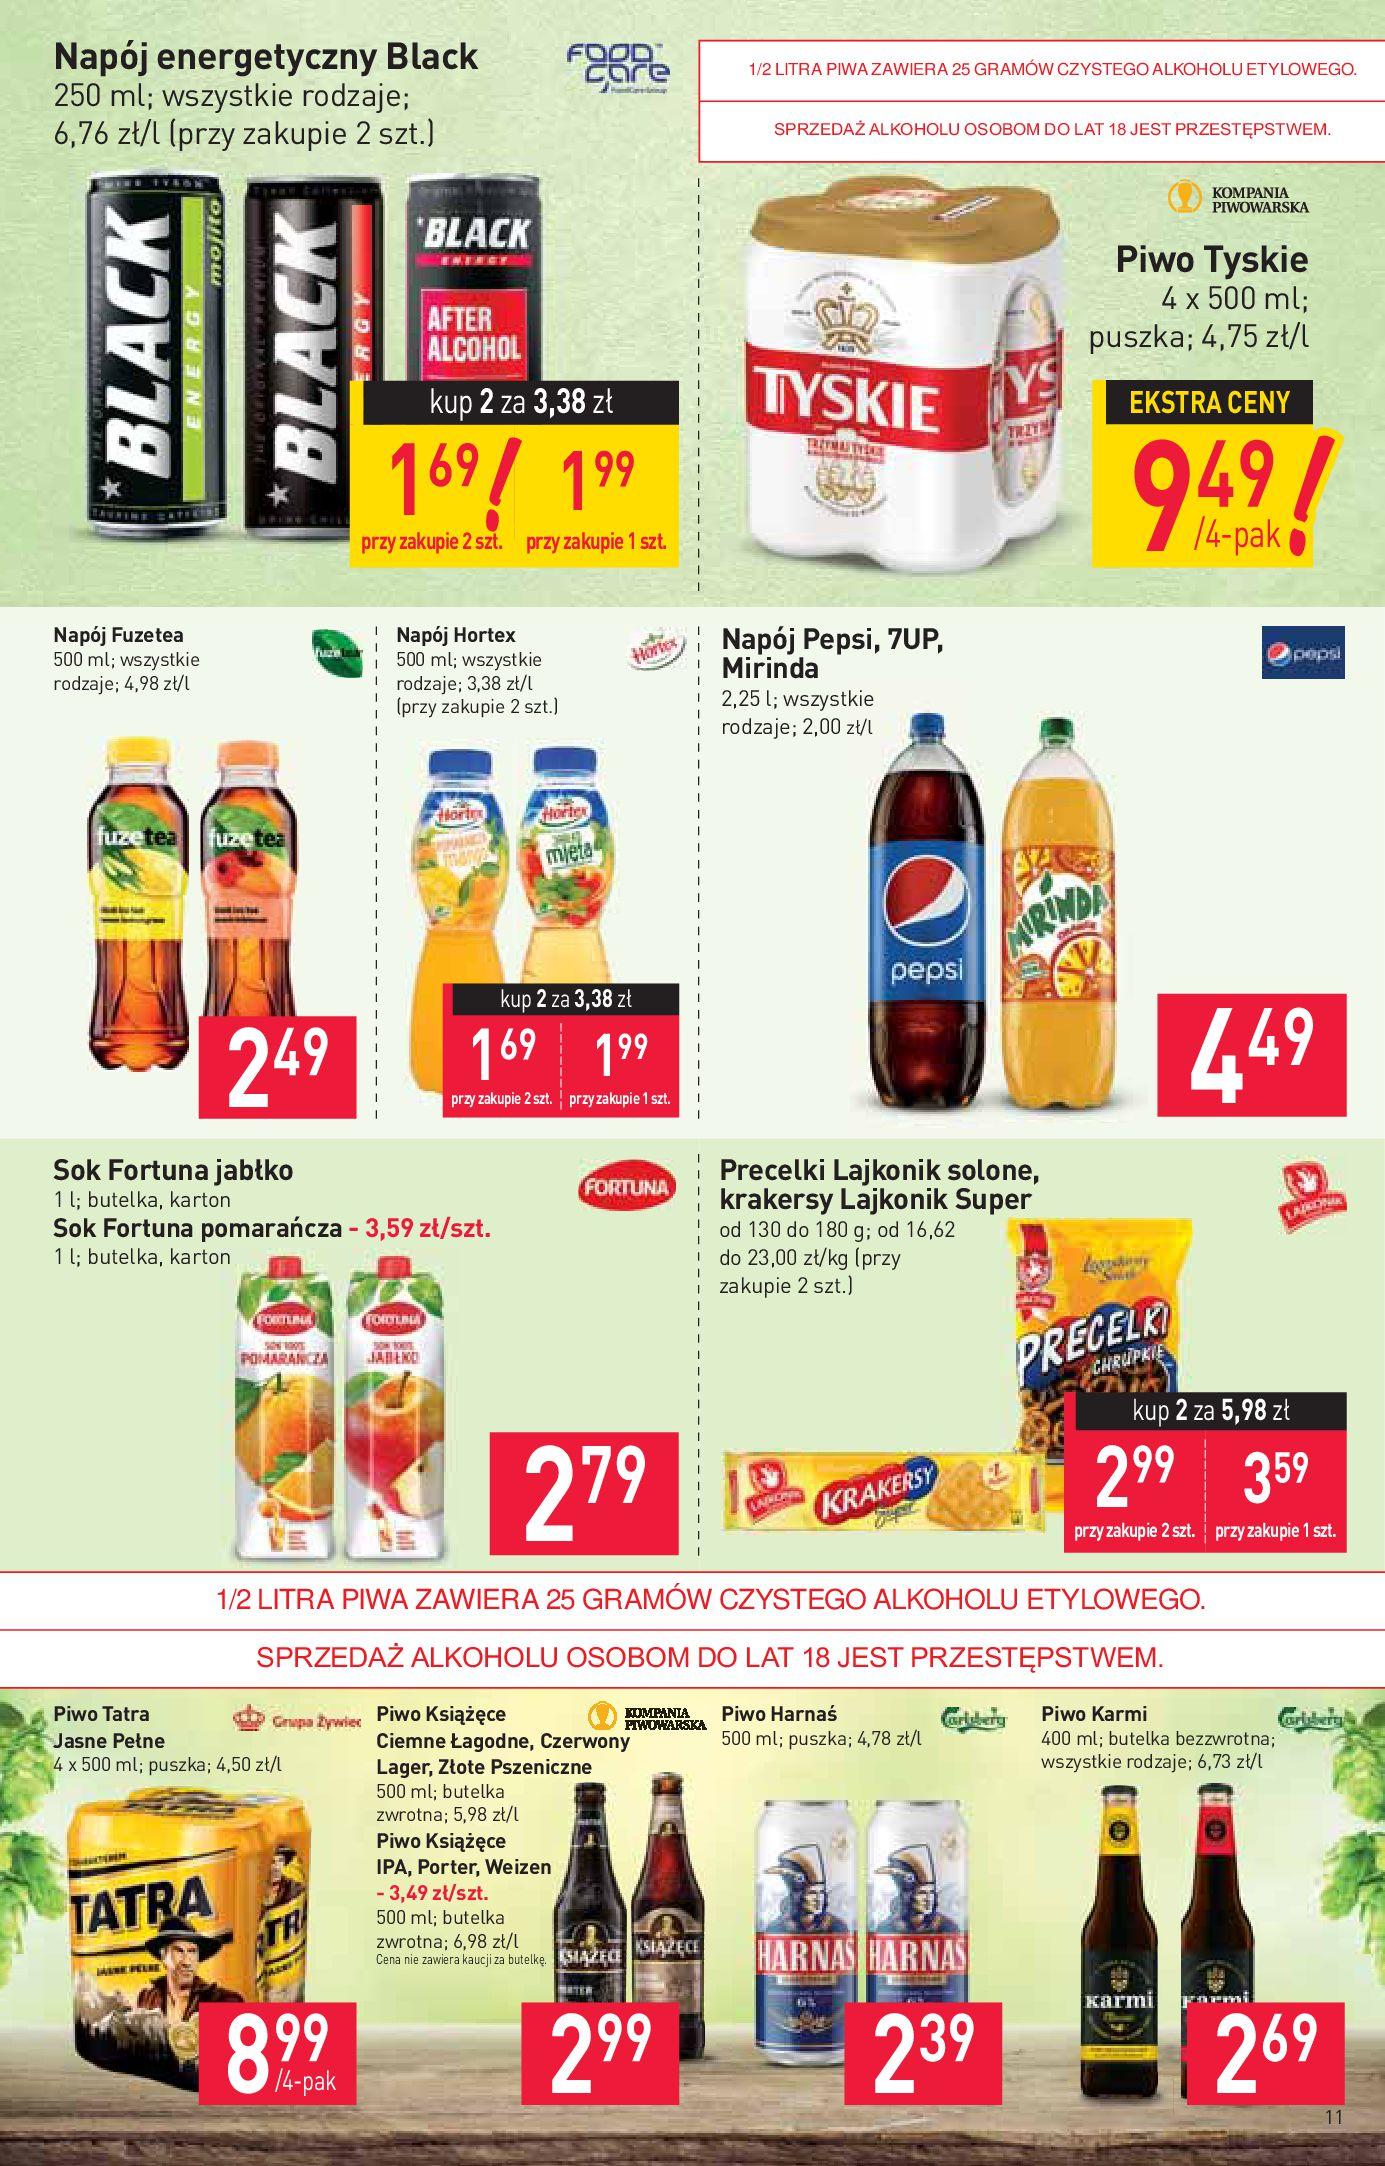 Gazetka Stokrotka Supermarket - Gazetka supermarket-13.08.2019-21.08.2019-page-11